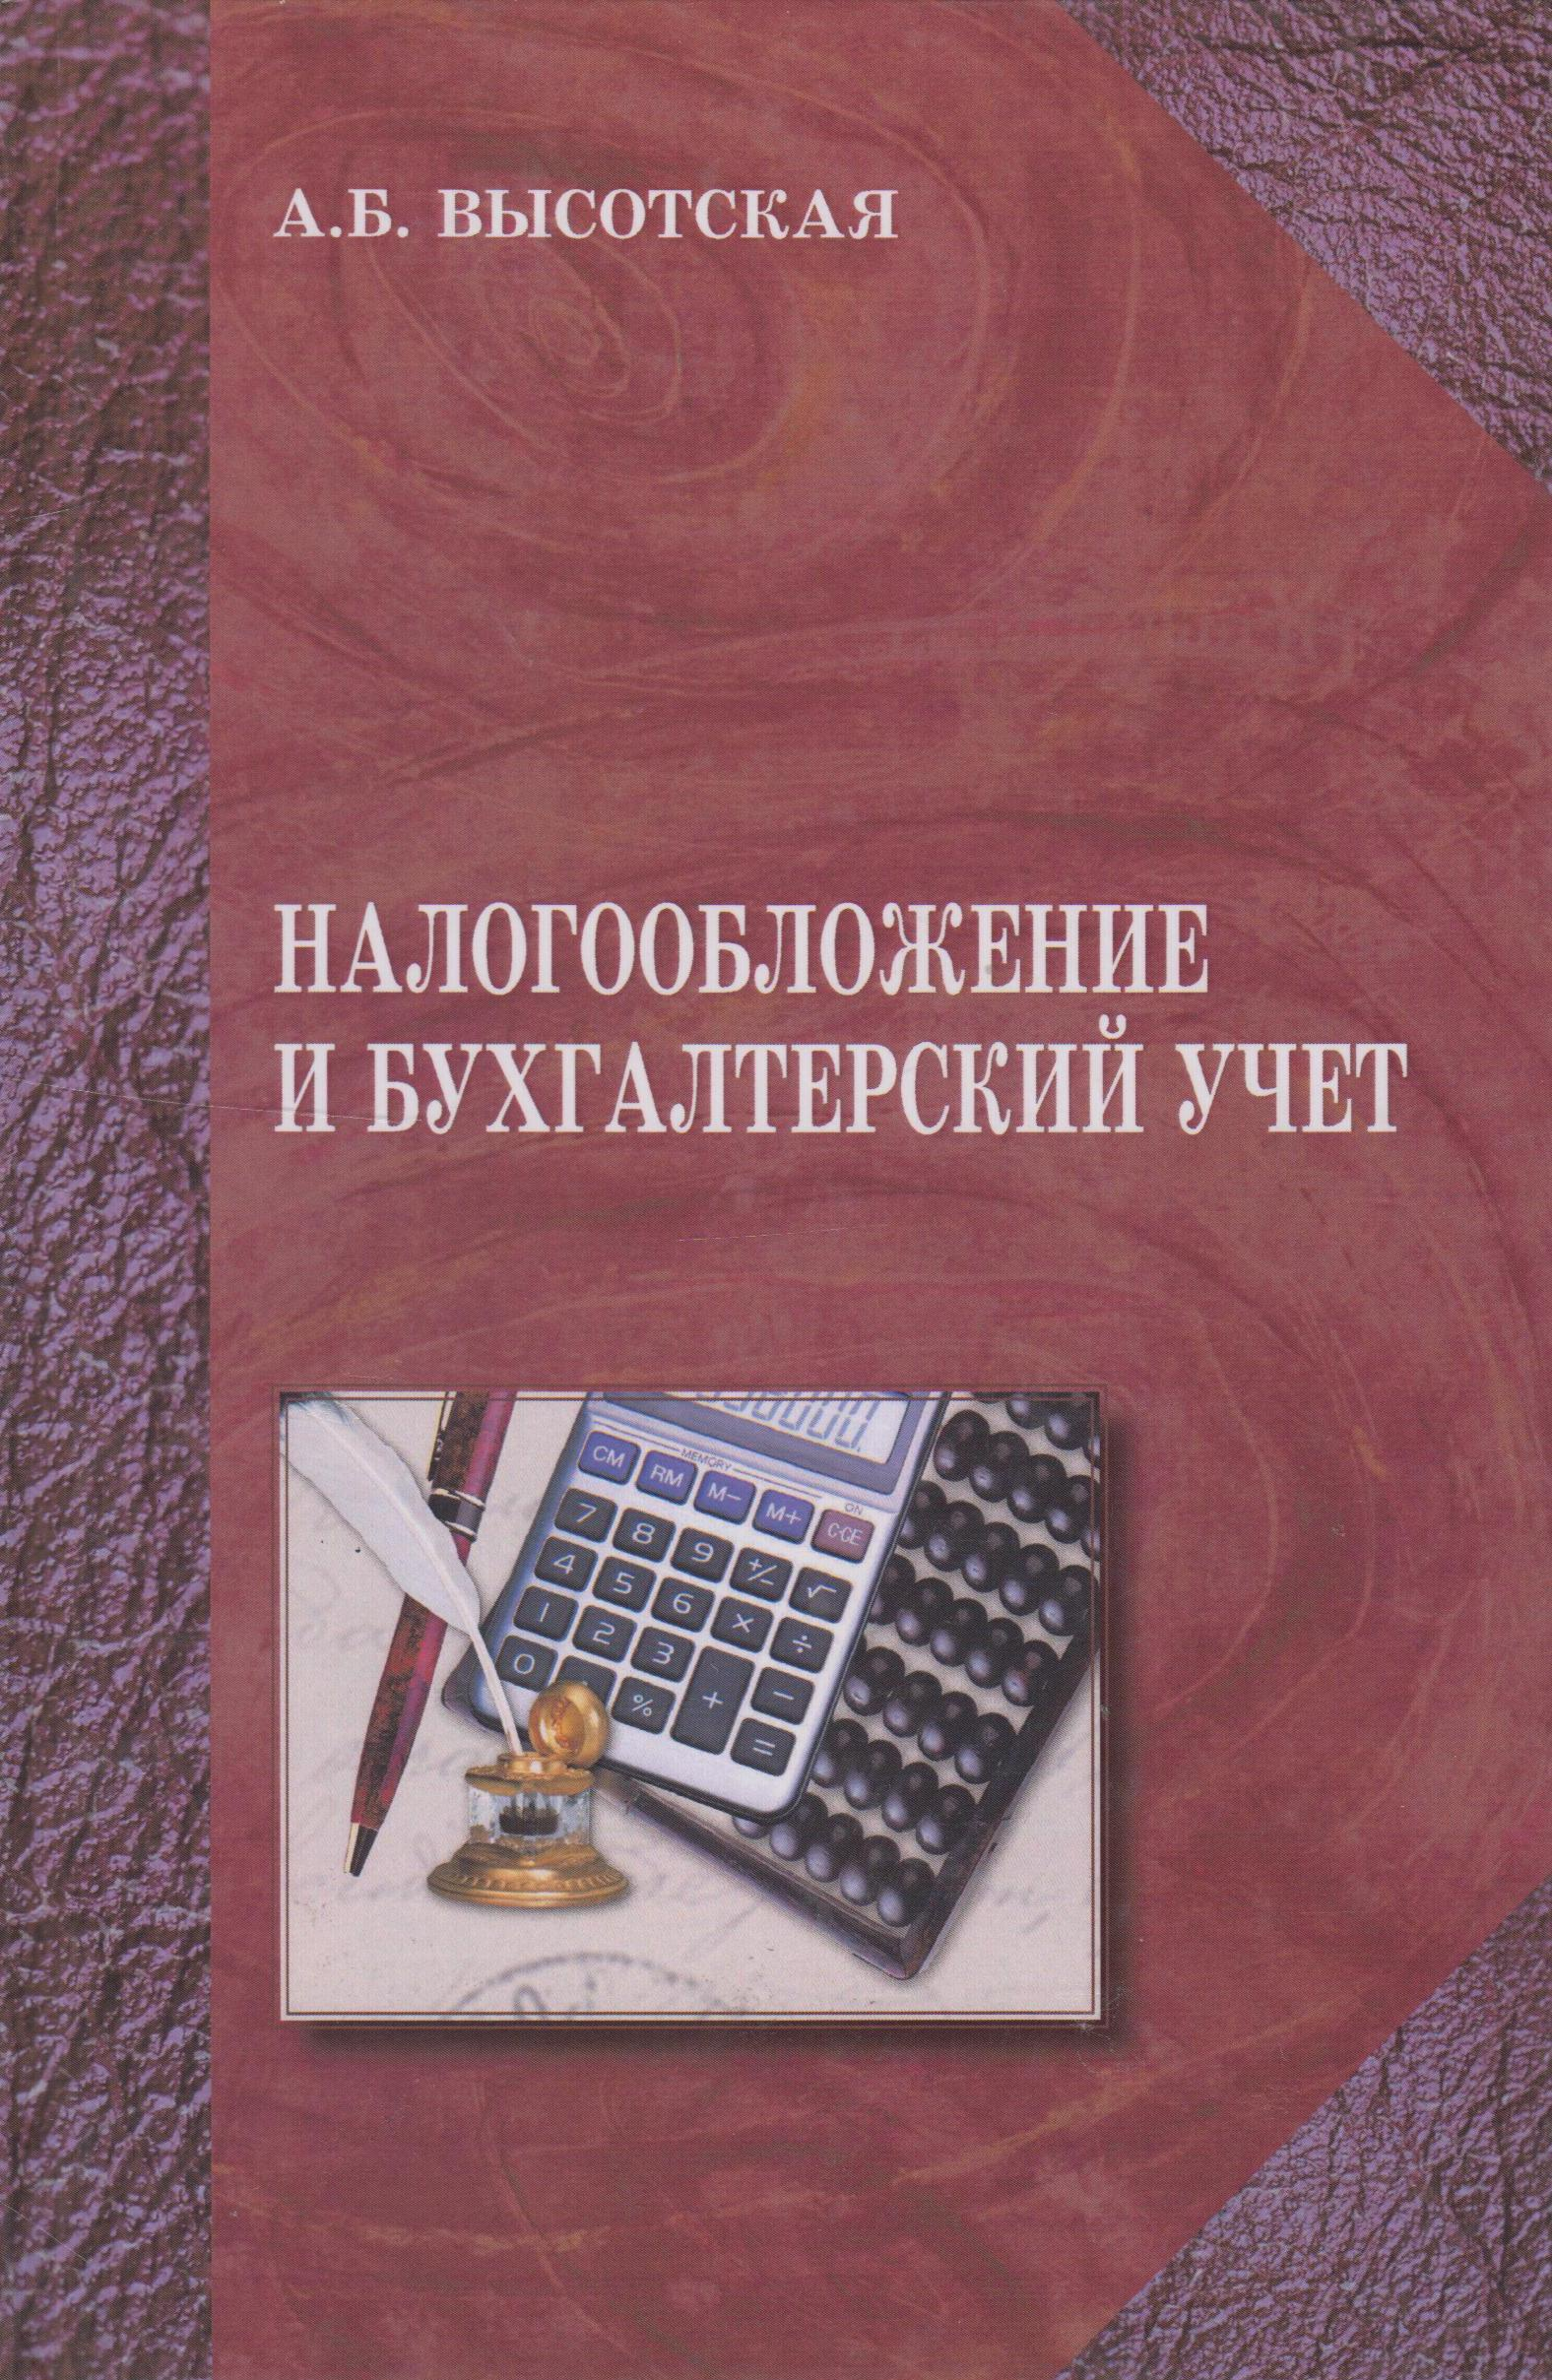 Высотская Анна Борисовна Налогообложение и бухгалтерский учёт